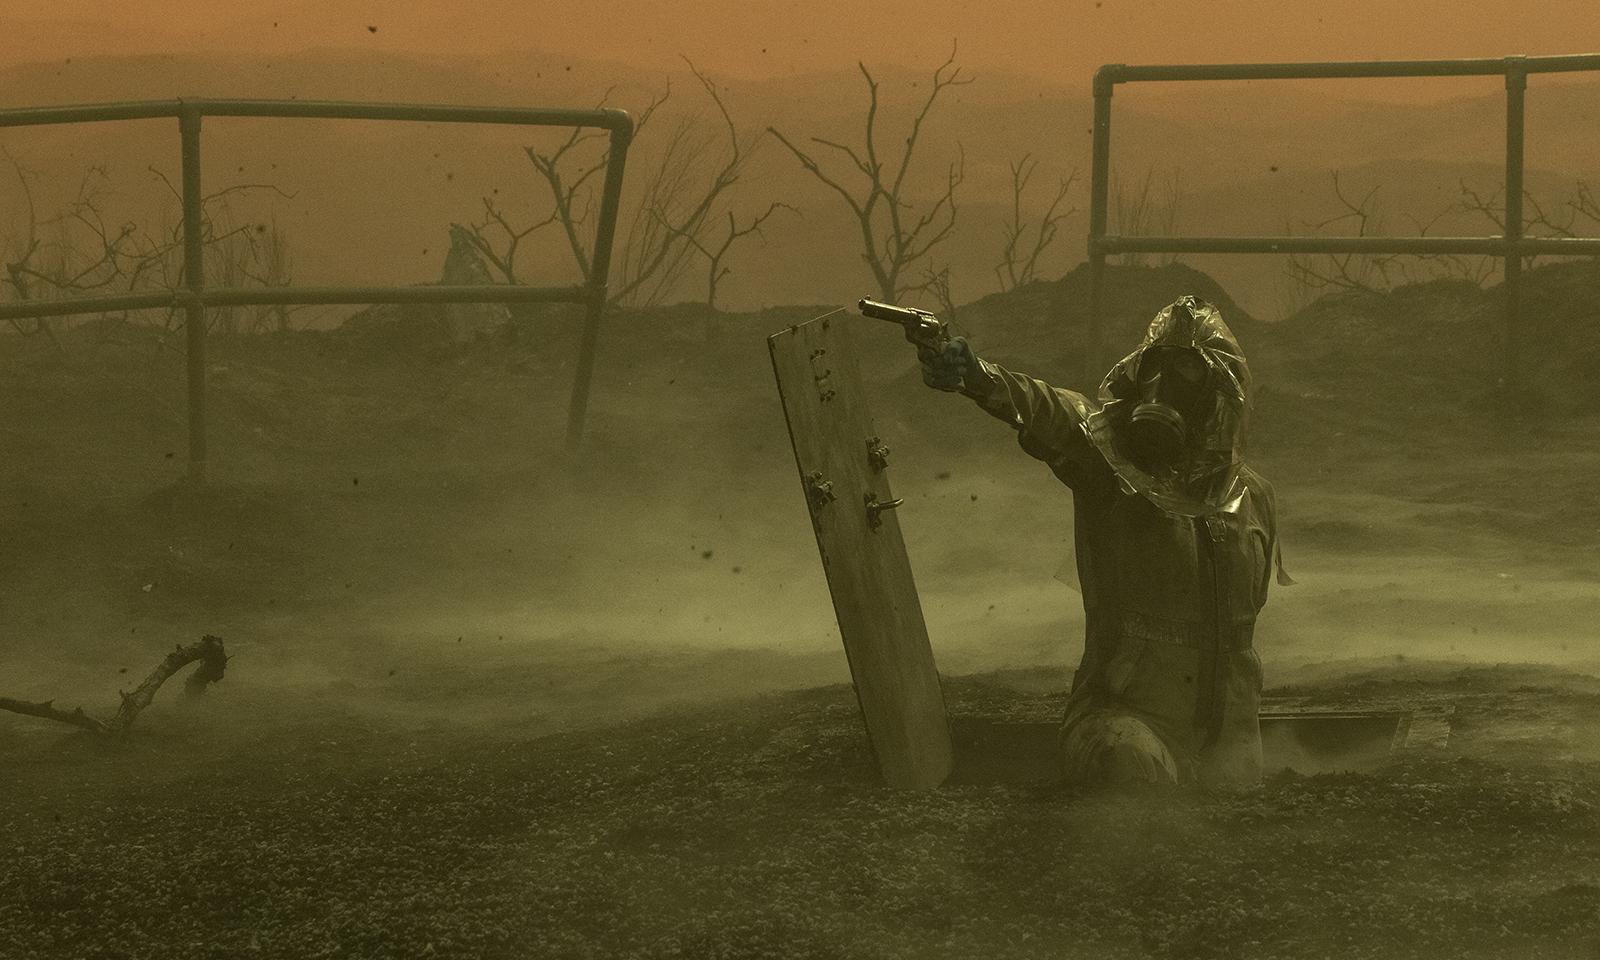 June apotando uma arma enquanto sai de seu esconderijo no episódio 3 da 7ª temporada de Fear the Walking Dead.